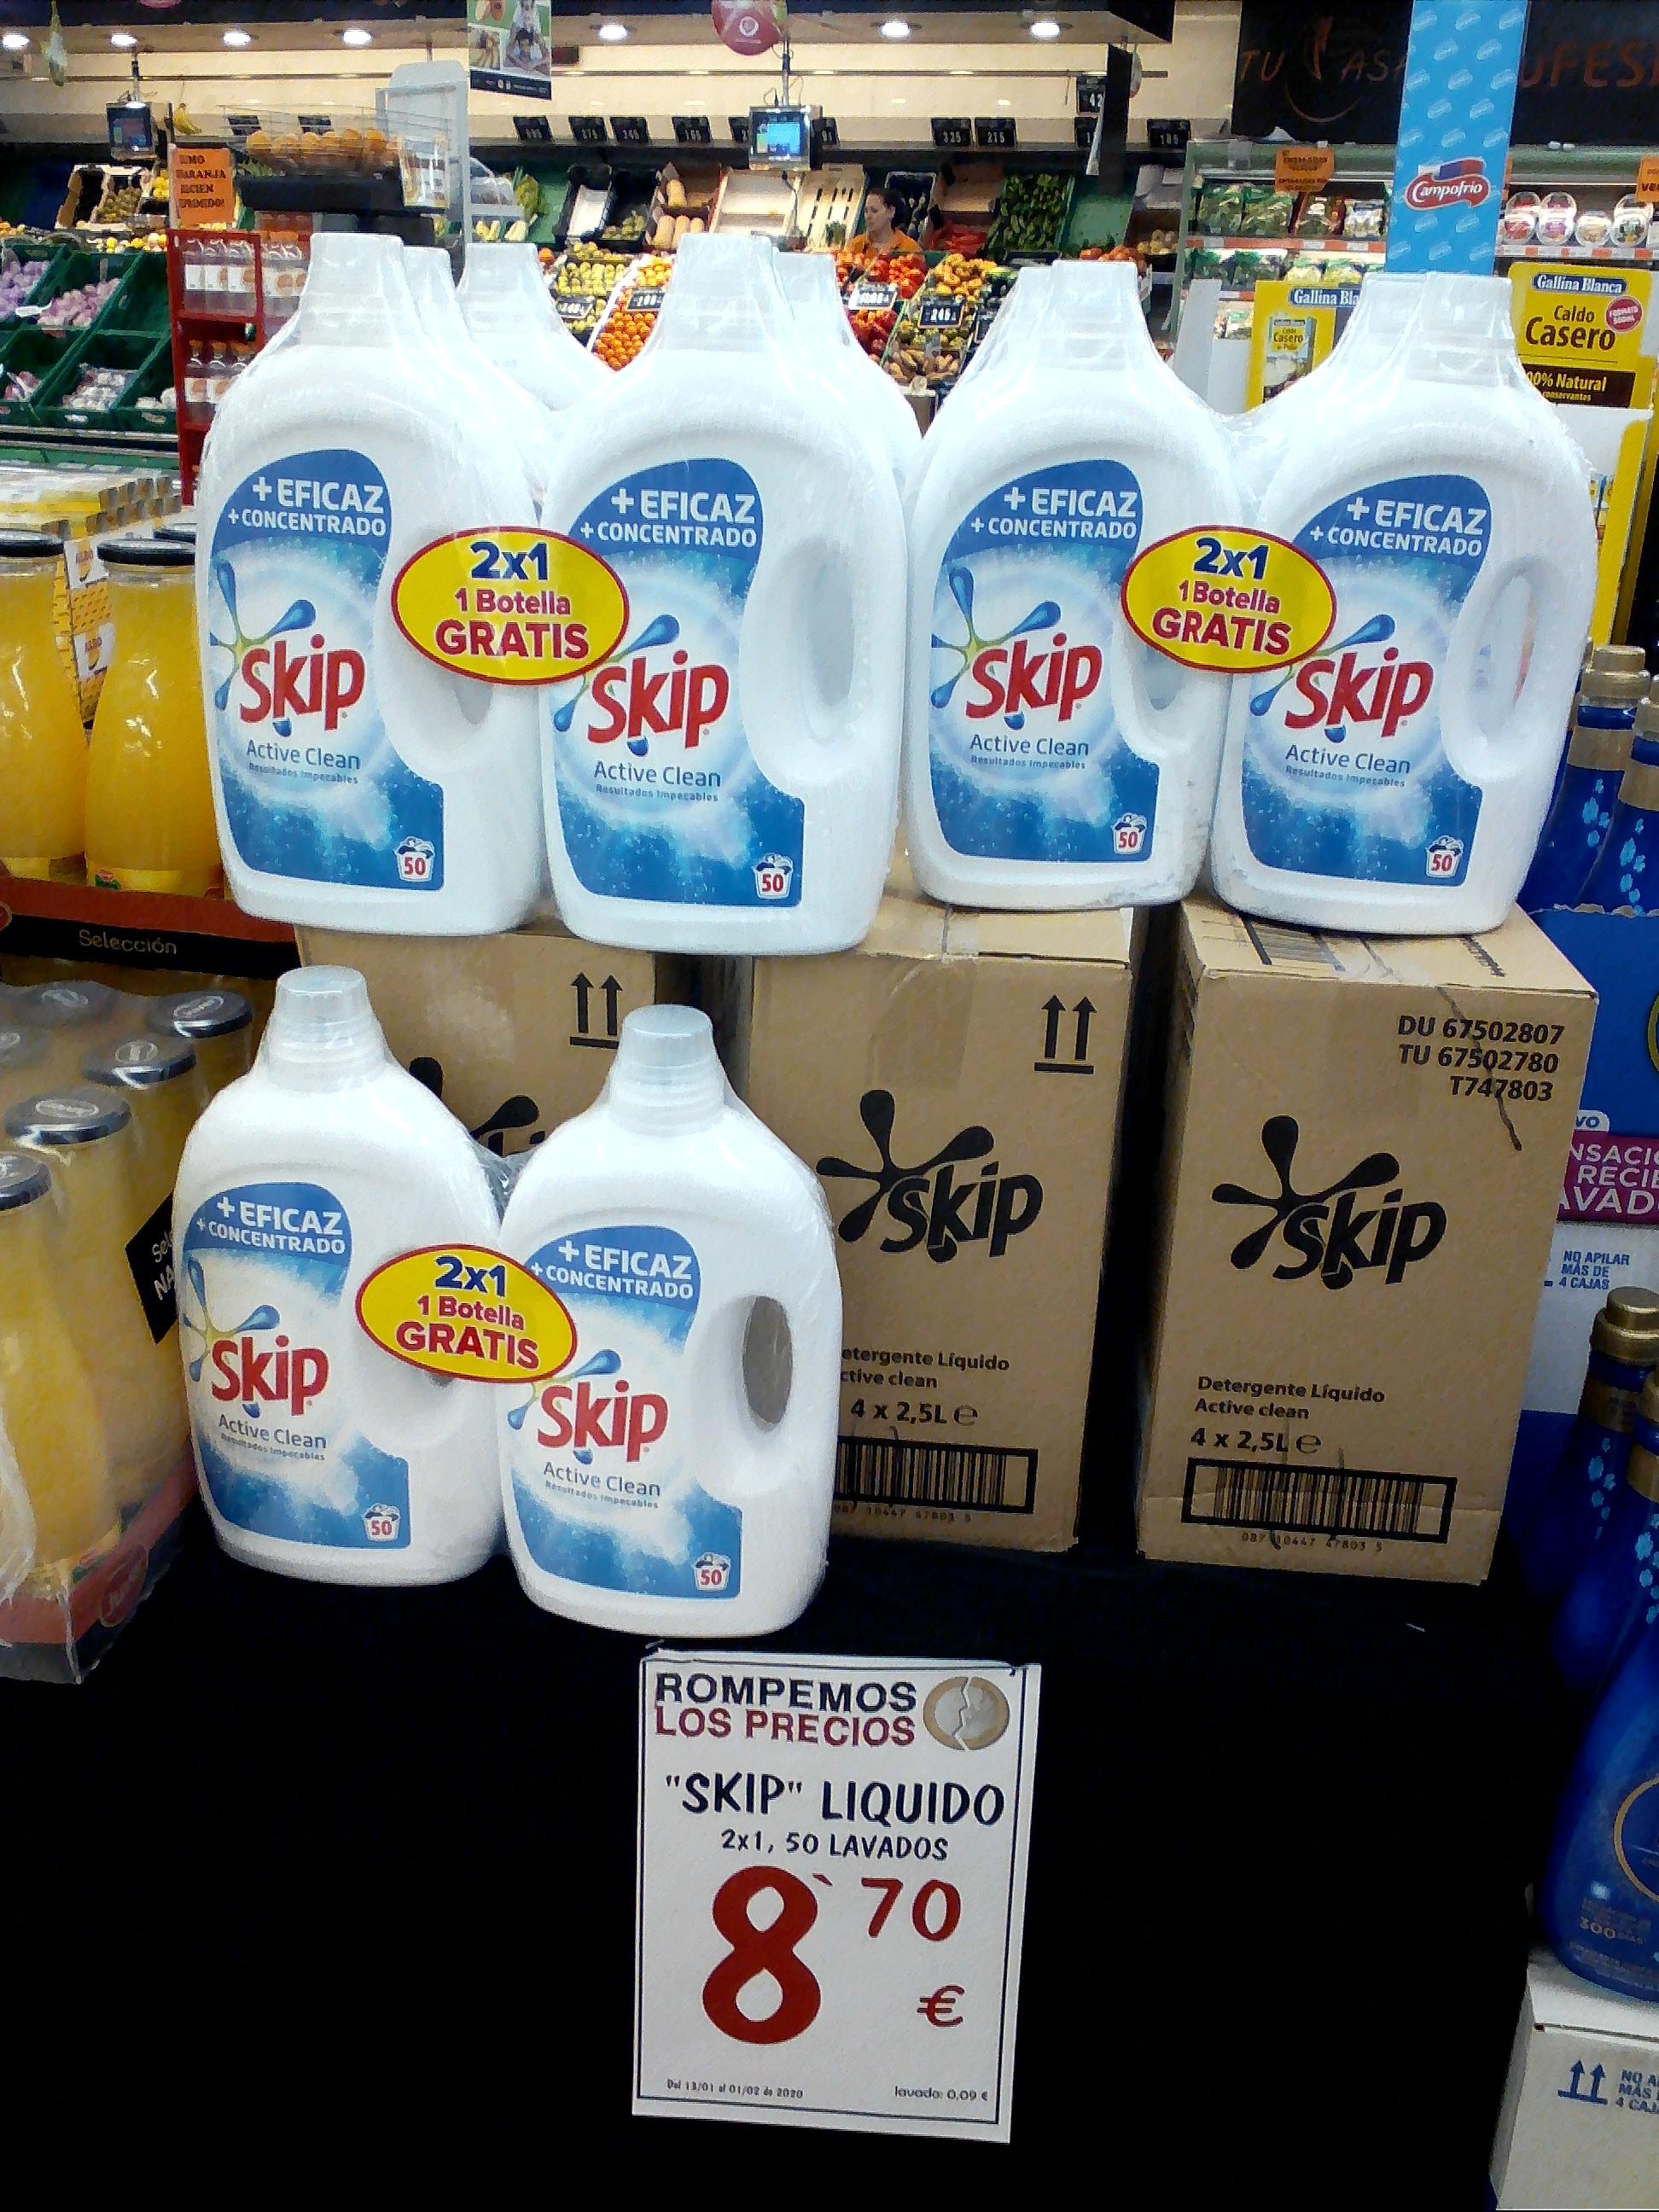 Detergente Skip líquido 100 lavados - Hiper Usera y Tucash